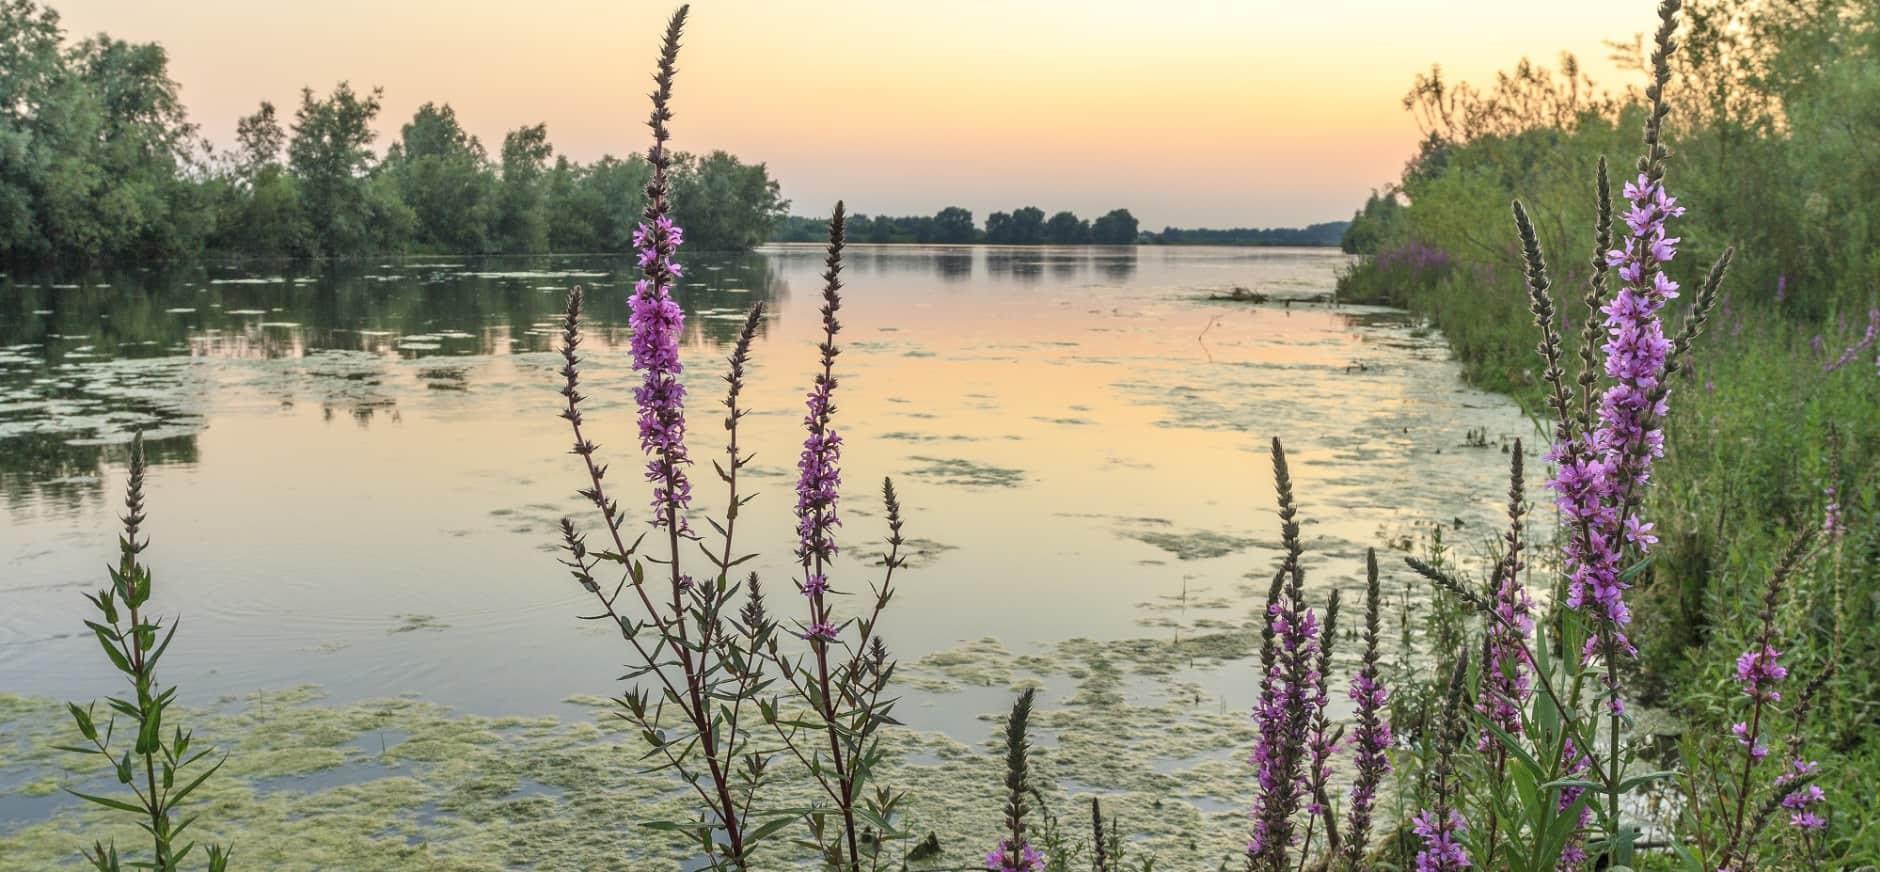 Meer veiligheid, natuur en beleving langs de Maas